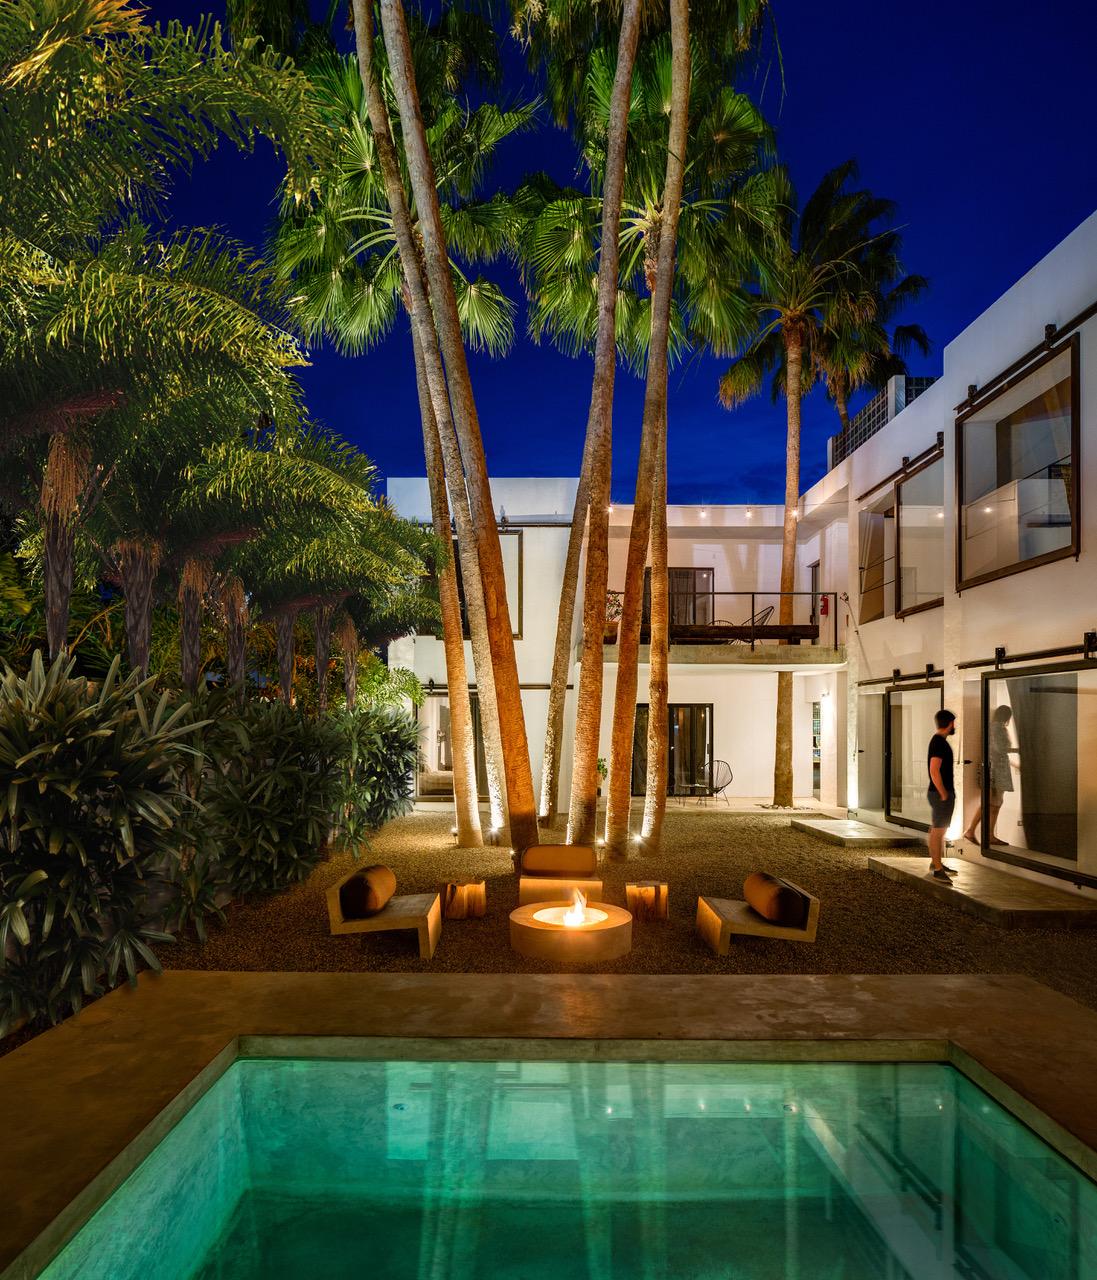 Courtyard at Drift San Jose  (photo courtesy of Drift San Jose)